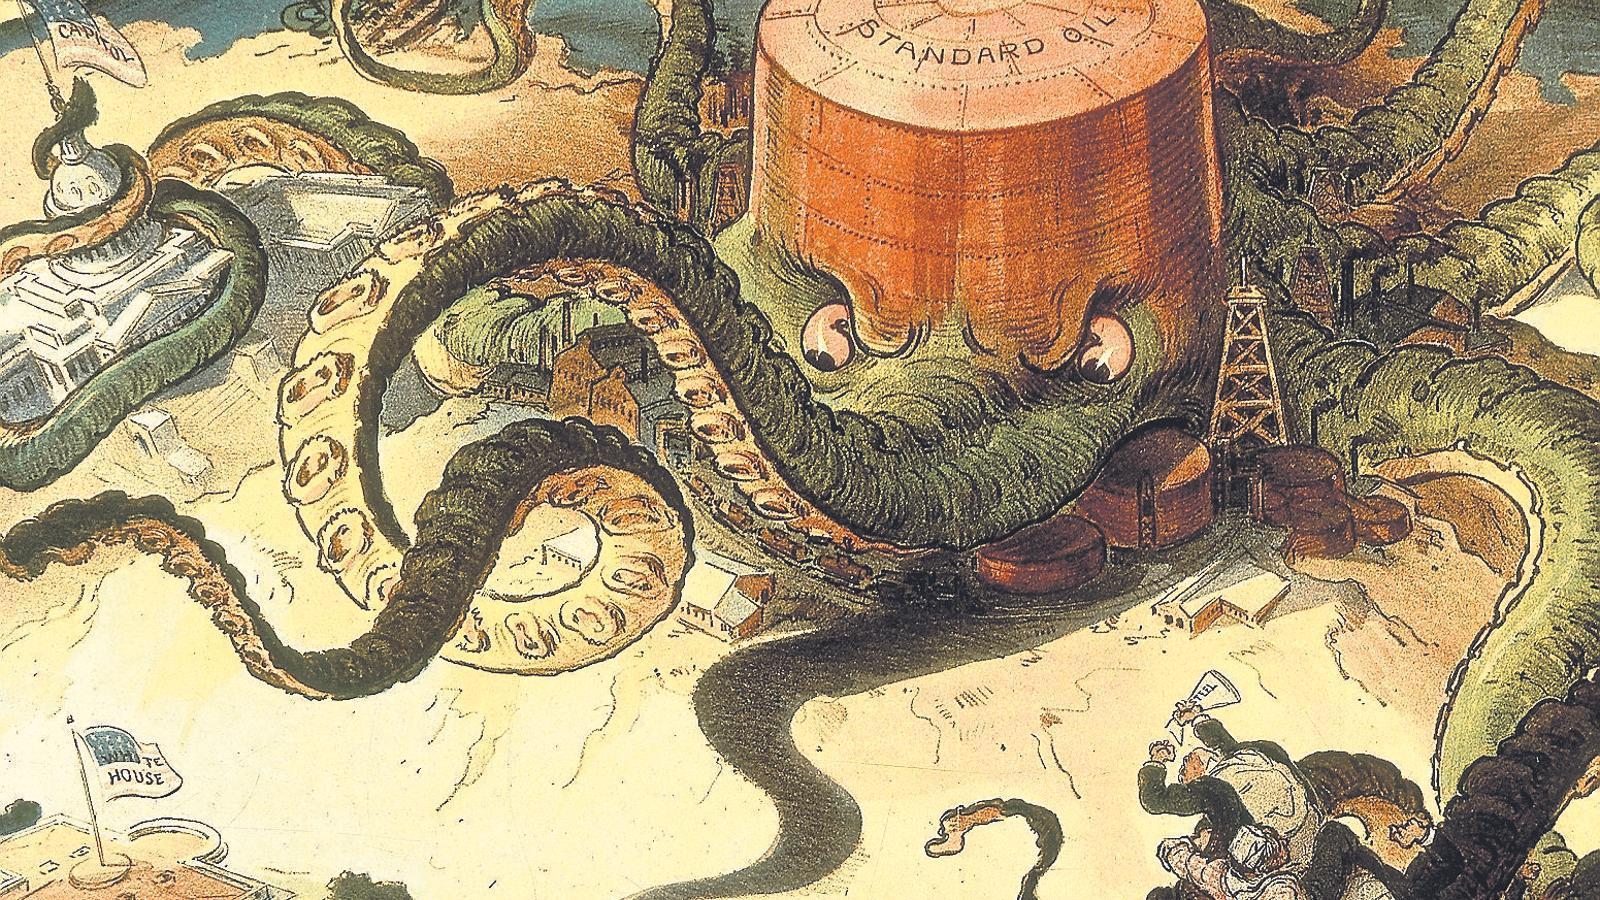 Caricatura de la premsa nord-americana del setembre del 1904 en què es veu la companyia Standard Oil representada com un gran pop amb tentacles que cobreixen tota mena d'indústries, el Capitoli i fins i tot la Casa Blanca